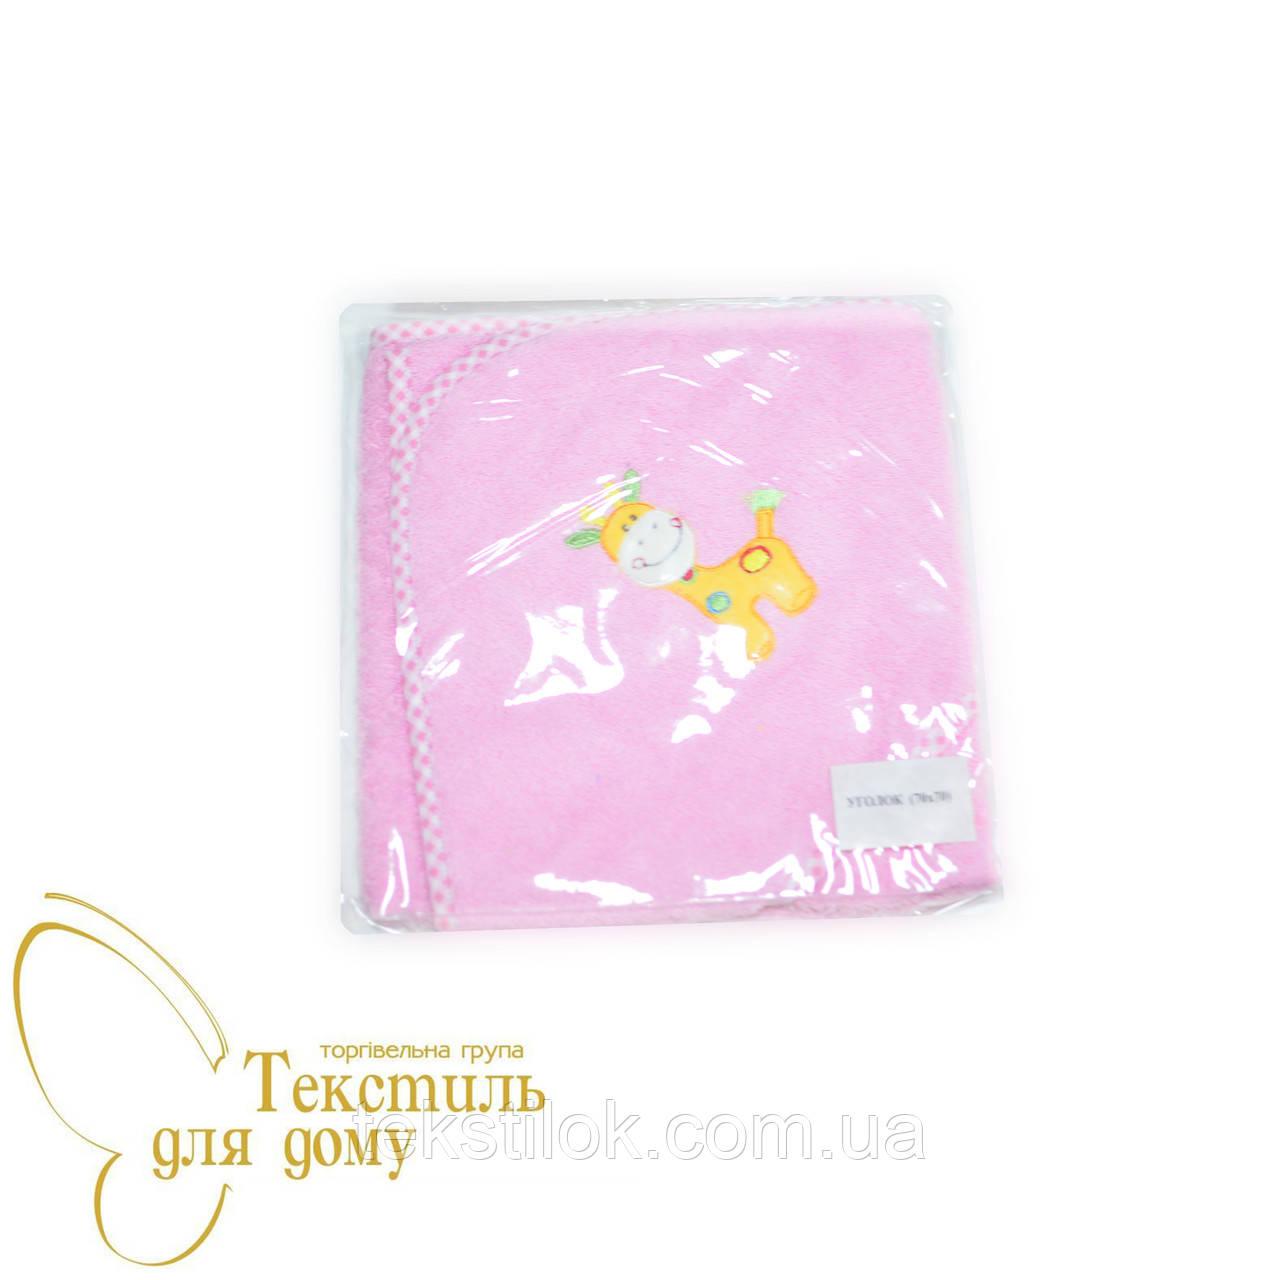 Детский уголок, махра с аппликацией, розовый